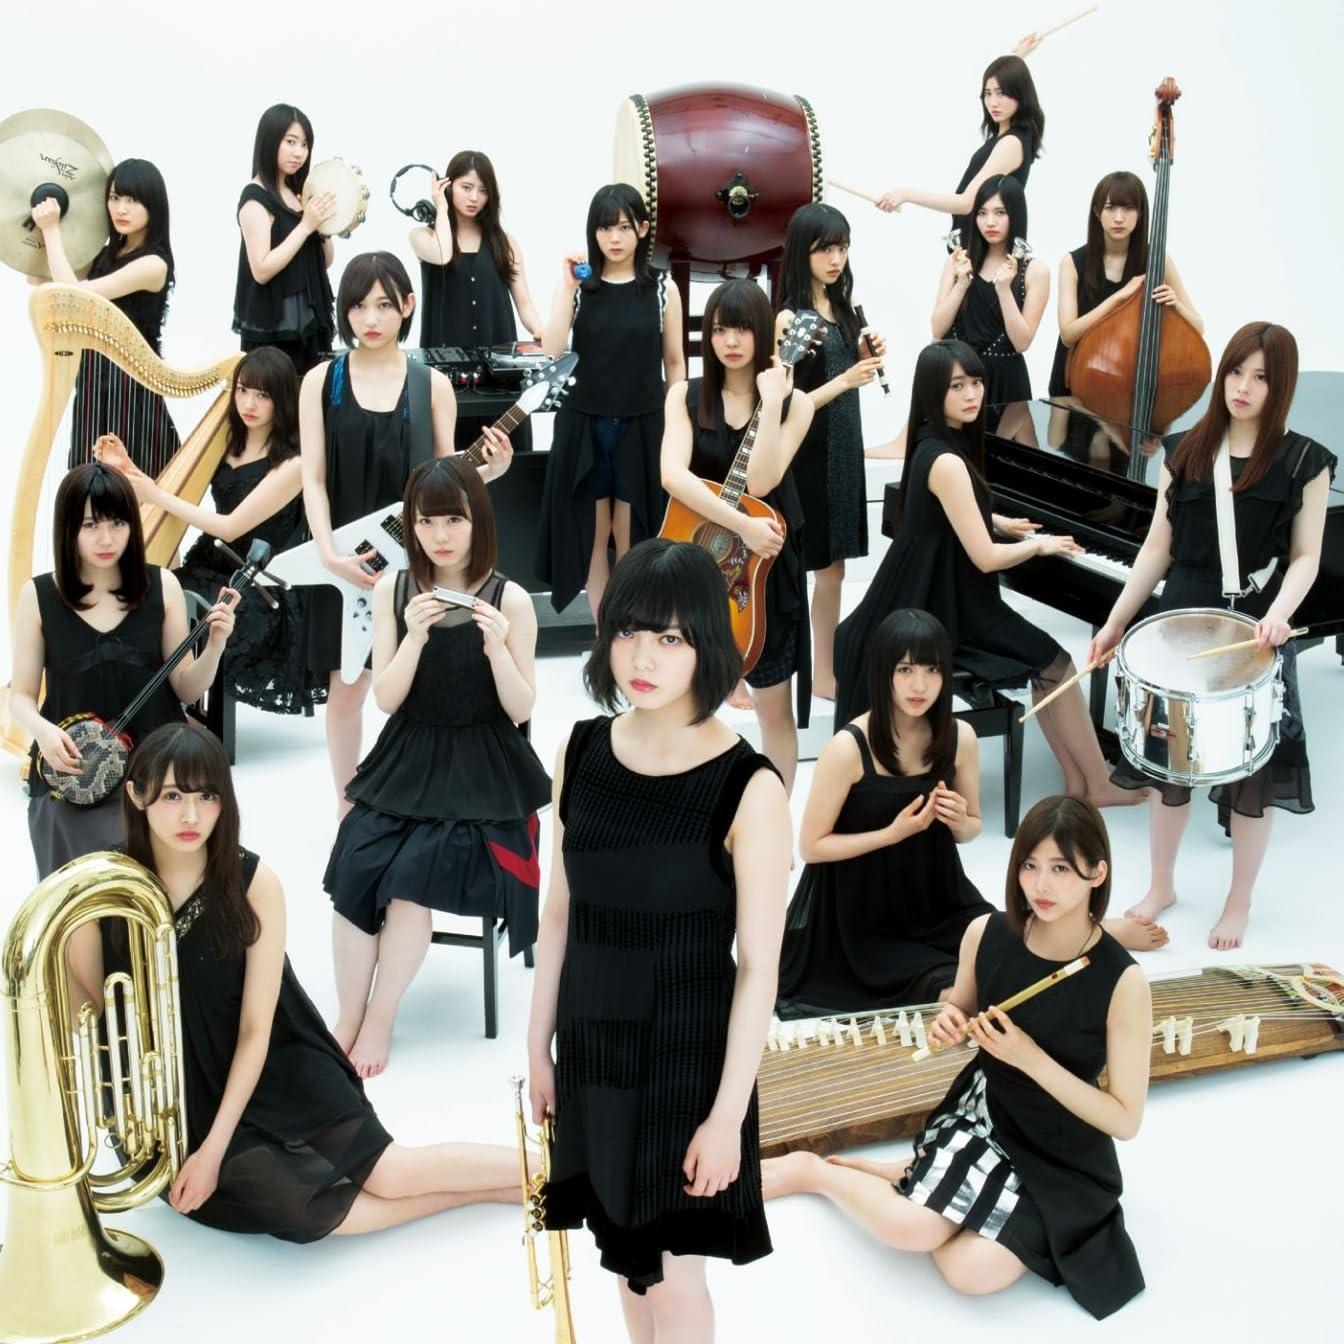 欅坂46 楽器を持った欅坂46 Ipad壁紙 画像72492 スマポ